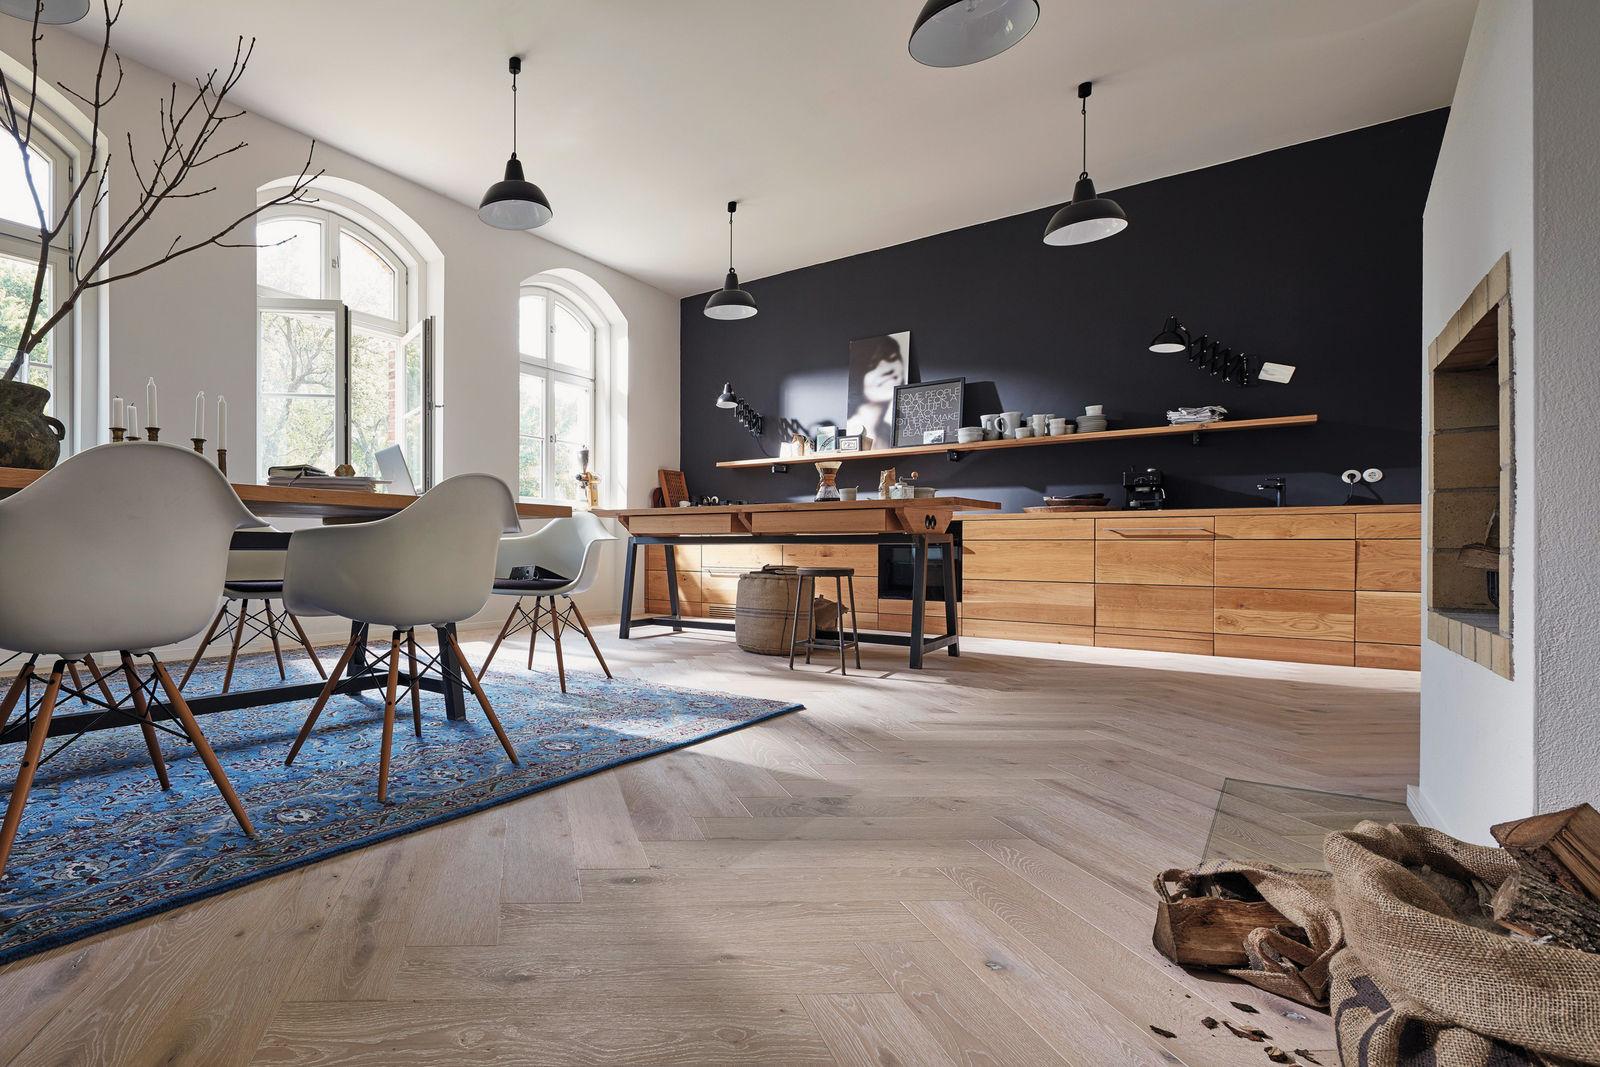 Holz Bringt Leben In Die Stube Das Einfamilienhaus